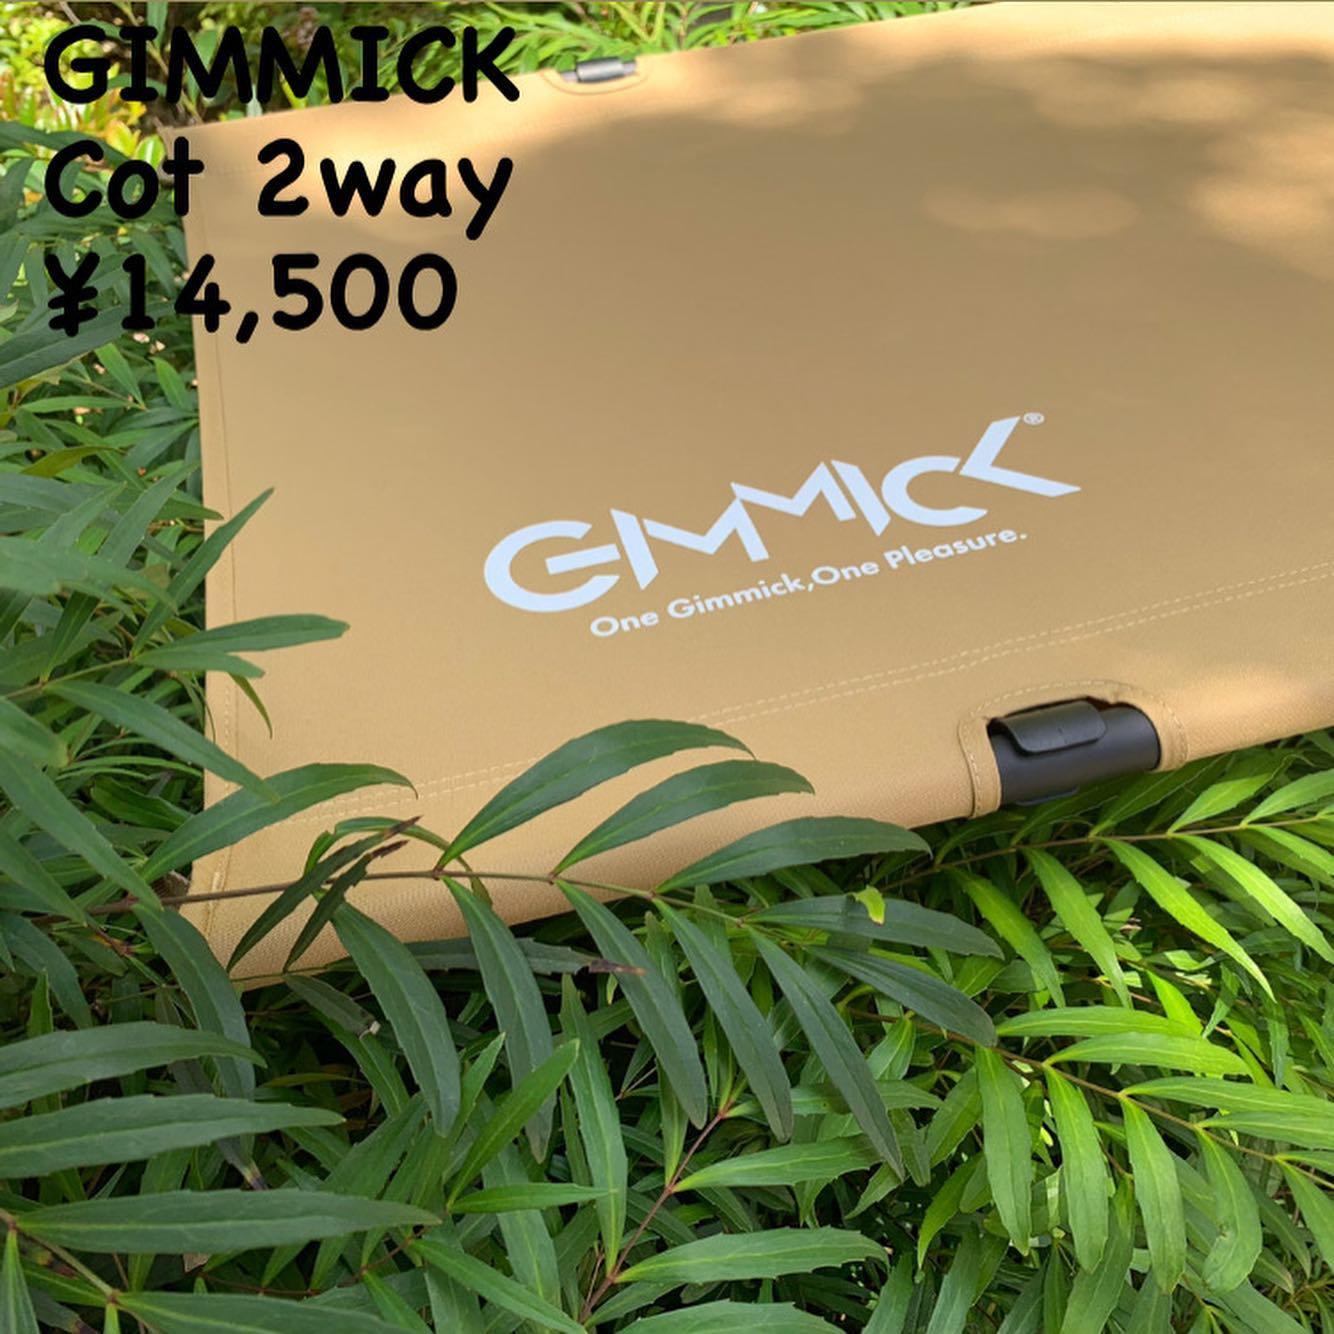 今までなかった発想とワクワクするような仕掛けを目指す!「GIMMICK(ギミック)」お取り扱い始めました